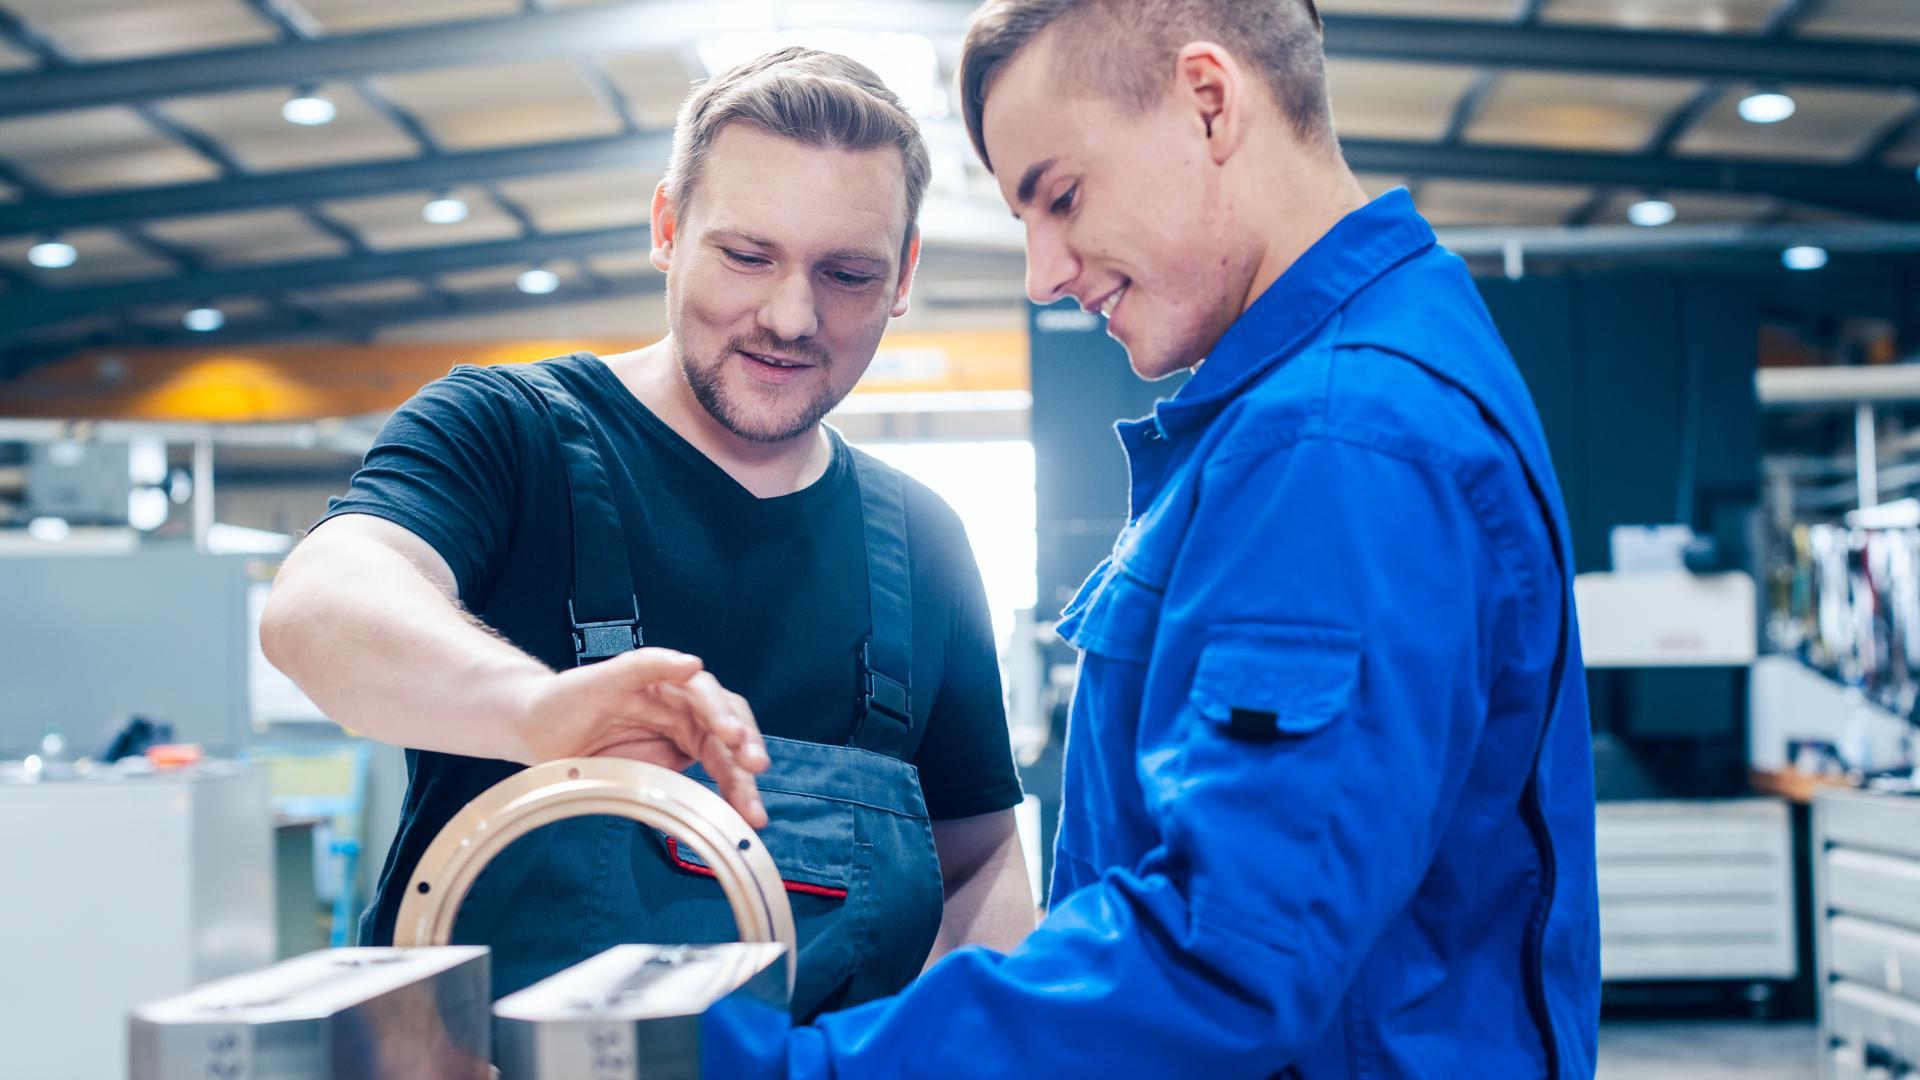 Ob eine Ausbildung beziehungsweise Tätigkeit im kaufmännischen Bereich oder im Handwerk. Zahlreiche Firmen in der Region sind auf der Suche nach engagierten neuen Mitarbeitern.